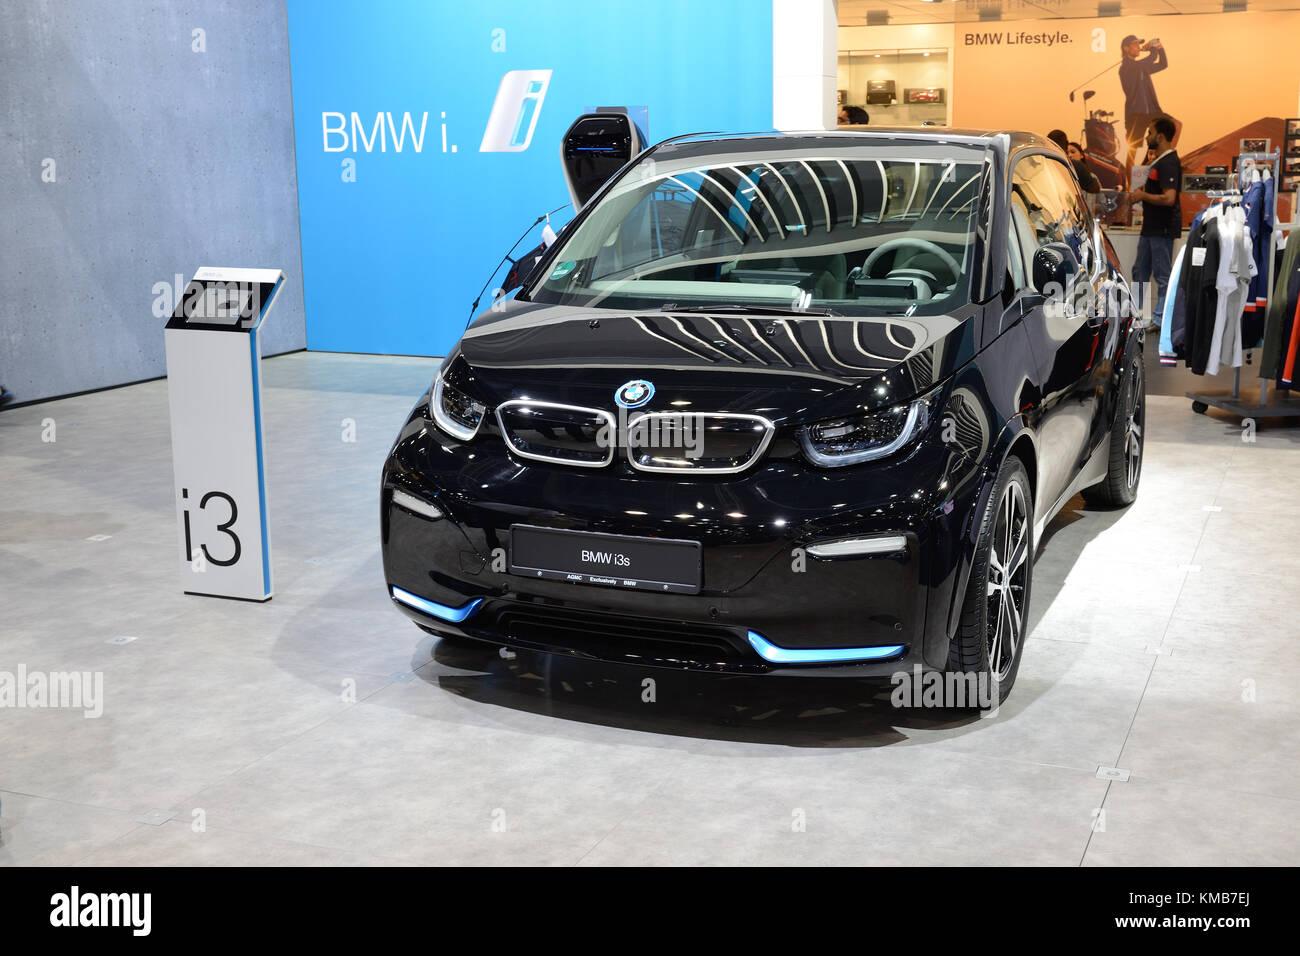 Dubai Uae November 18 The Bmw I3s Electric Car Is On Dubai Motor